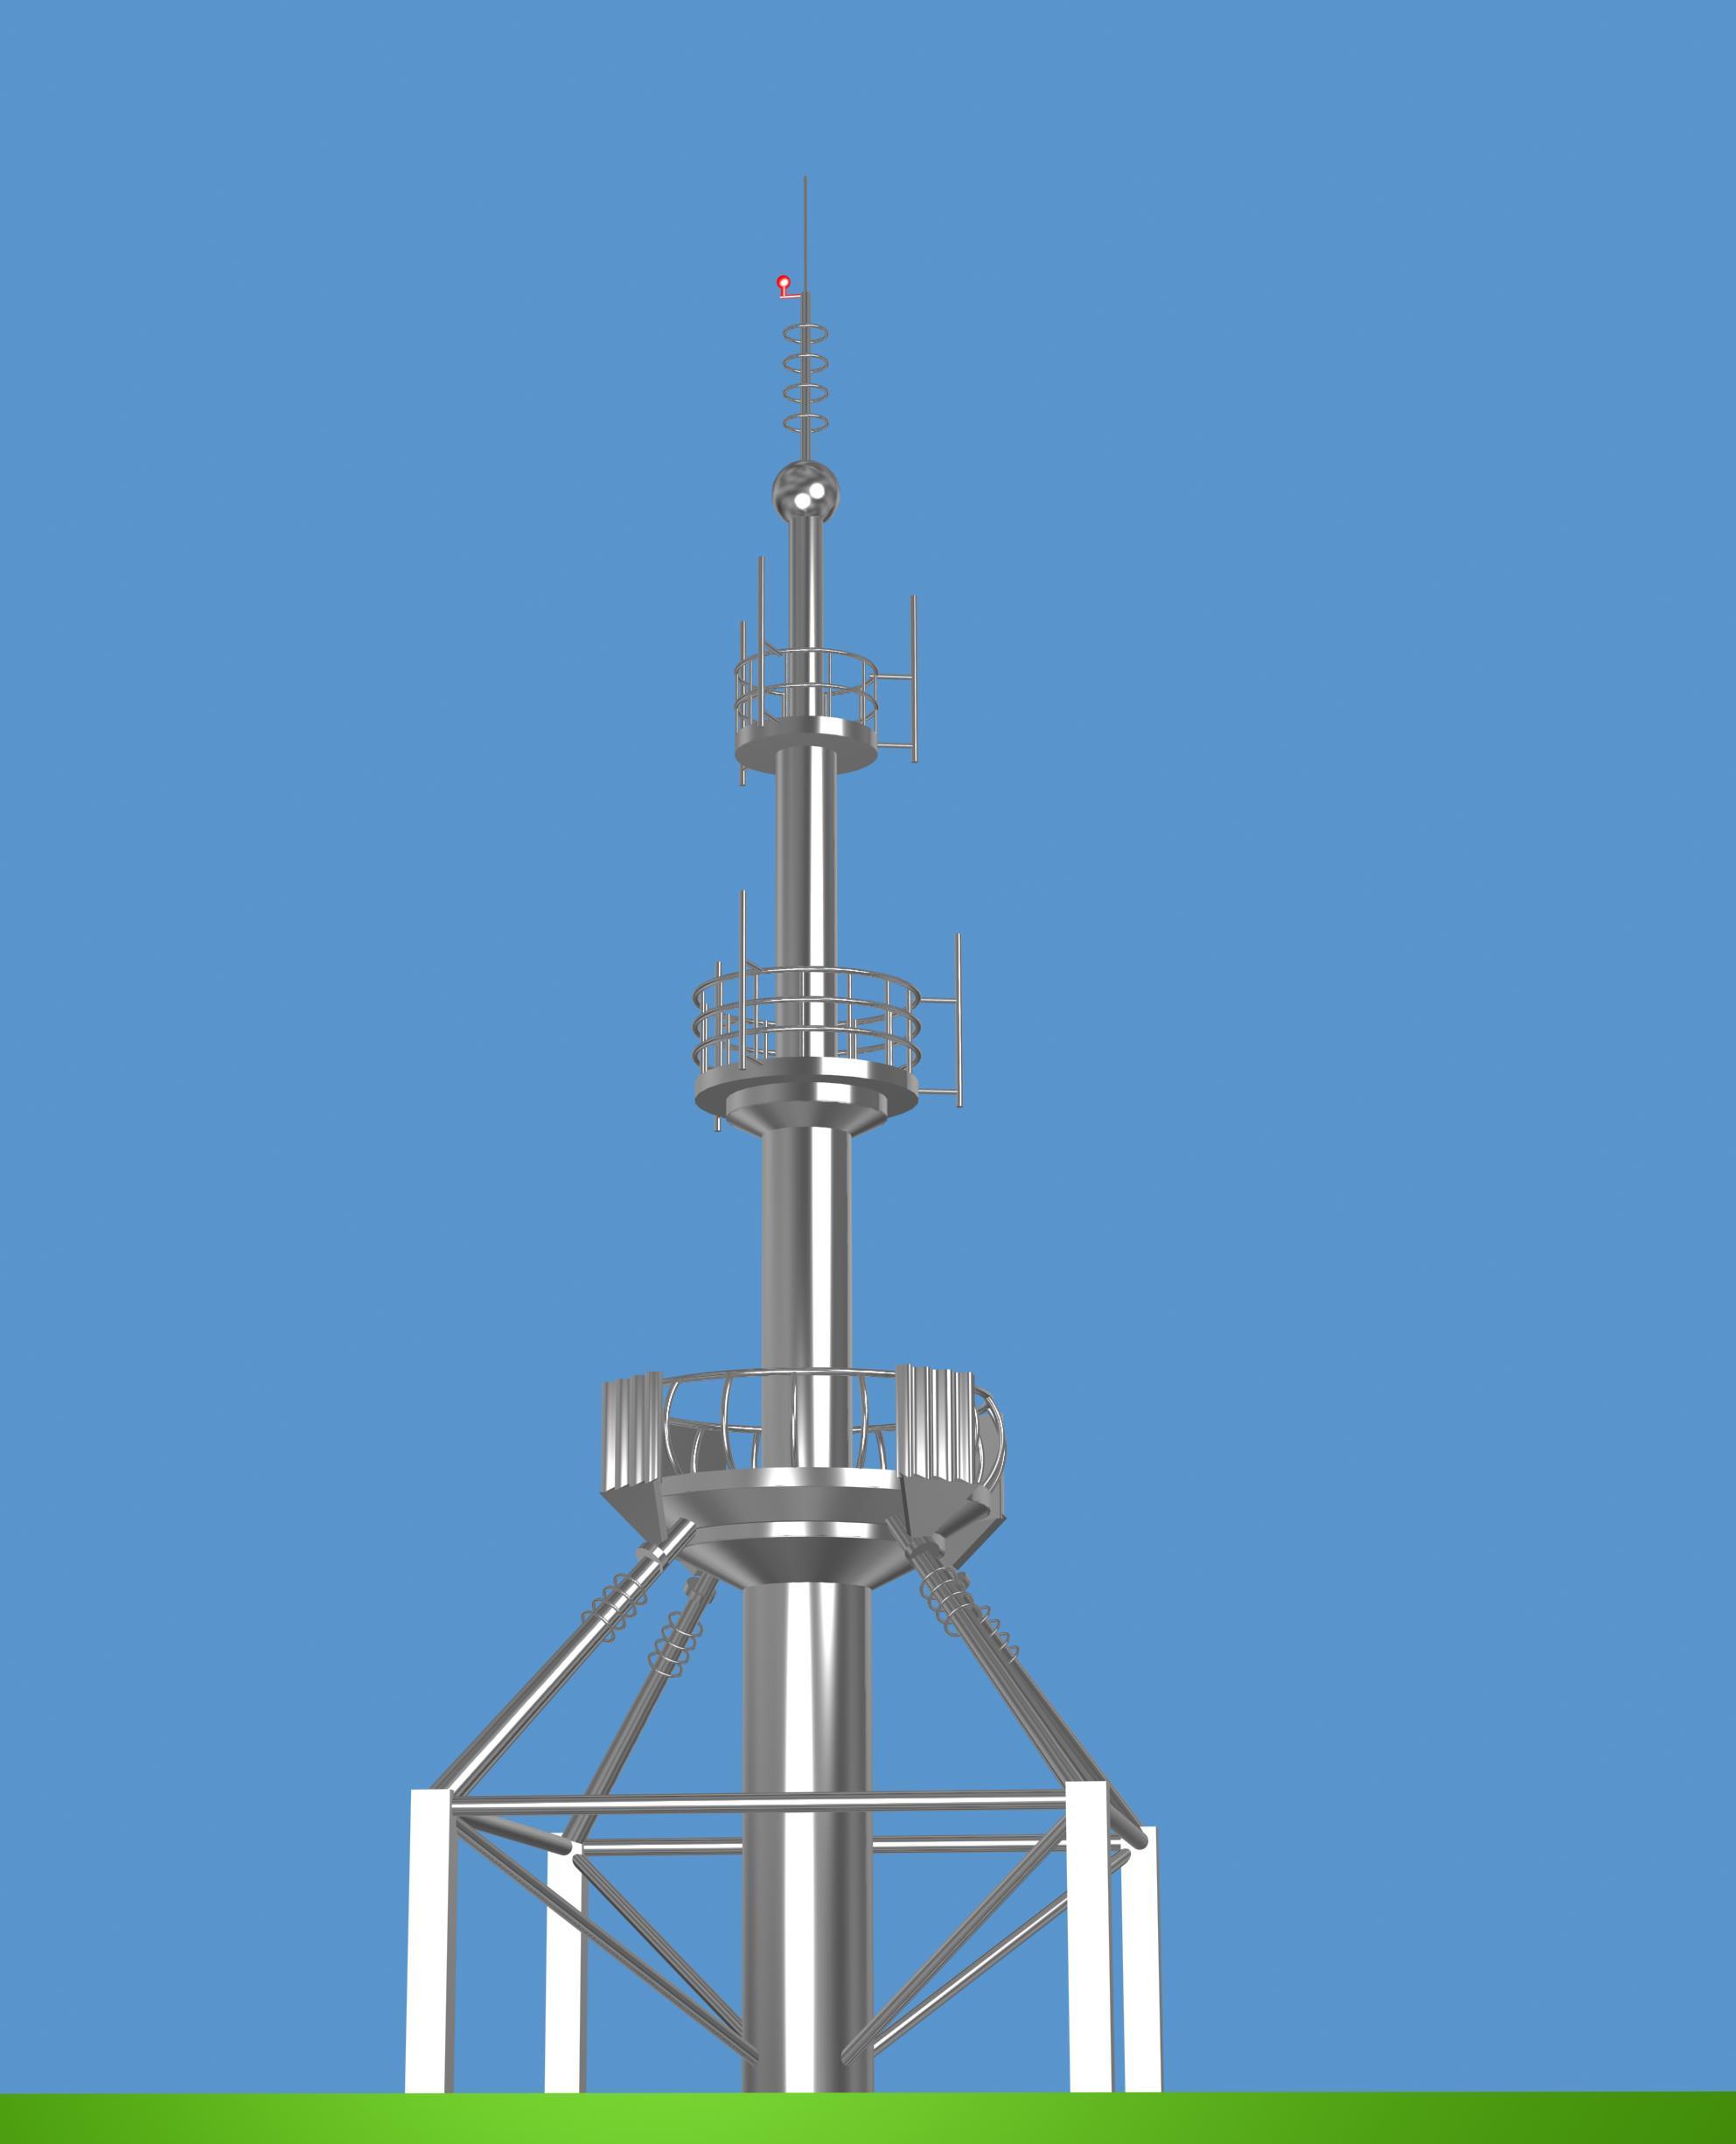 我单位是专业生产设计工艺塔、楼房不锈钢装饰塔、钢结构组合装饰塔、景观避雷装饰塔、通讯避雷装饰塔及楼房钢结构装饰架:是集避雷和装饰为一体的新型楼顶装饰避雷设备。特点是:1、外形美观,与建筑物形成和谐统一的整体;2、塔顶的避雷针与建筑物避雷设施连为一体,有效防止雷电灾害;3、塔顶还可安装航空障碍灯及通信天线等设备;适用于单位办公楼。 使用条件:1、基本风压:w0=0.